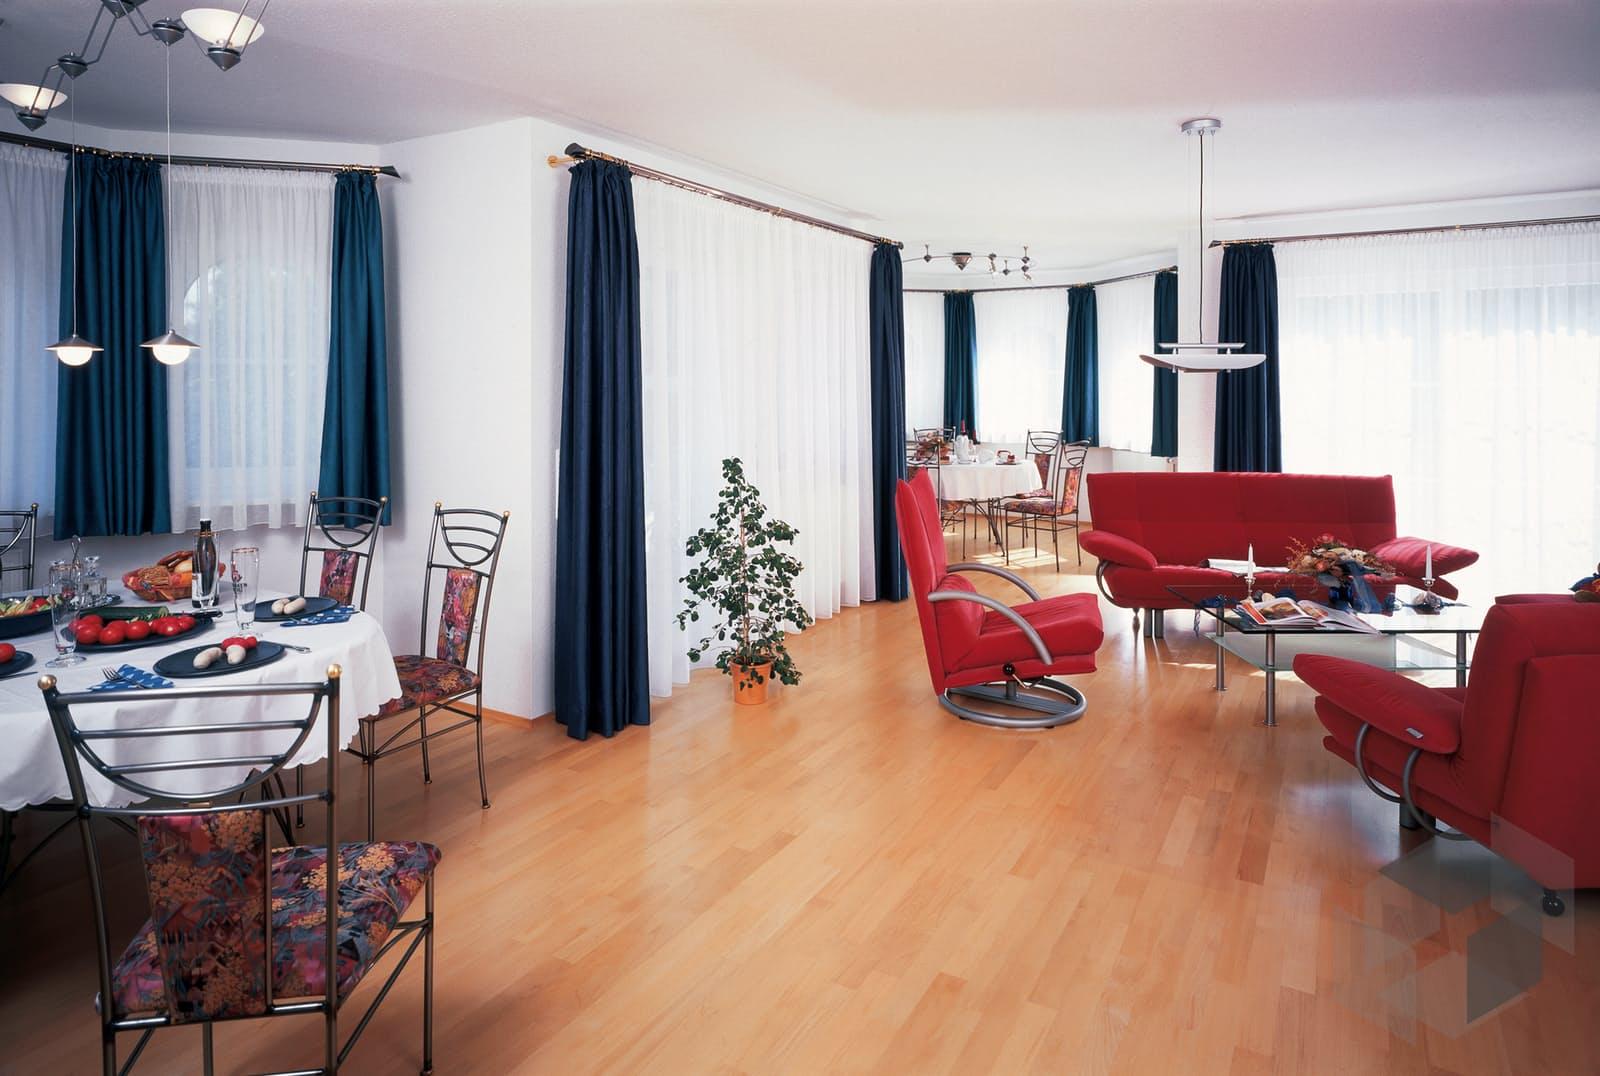 hermann von keitel haus komplette daten bersicht. Black Bedroom Furniture Sets. Home Design Ideas